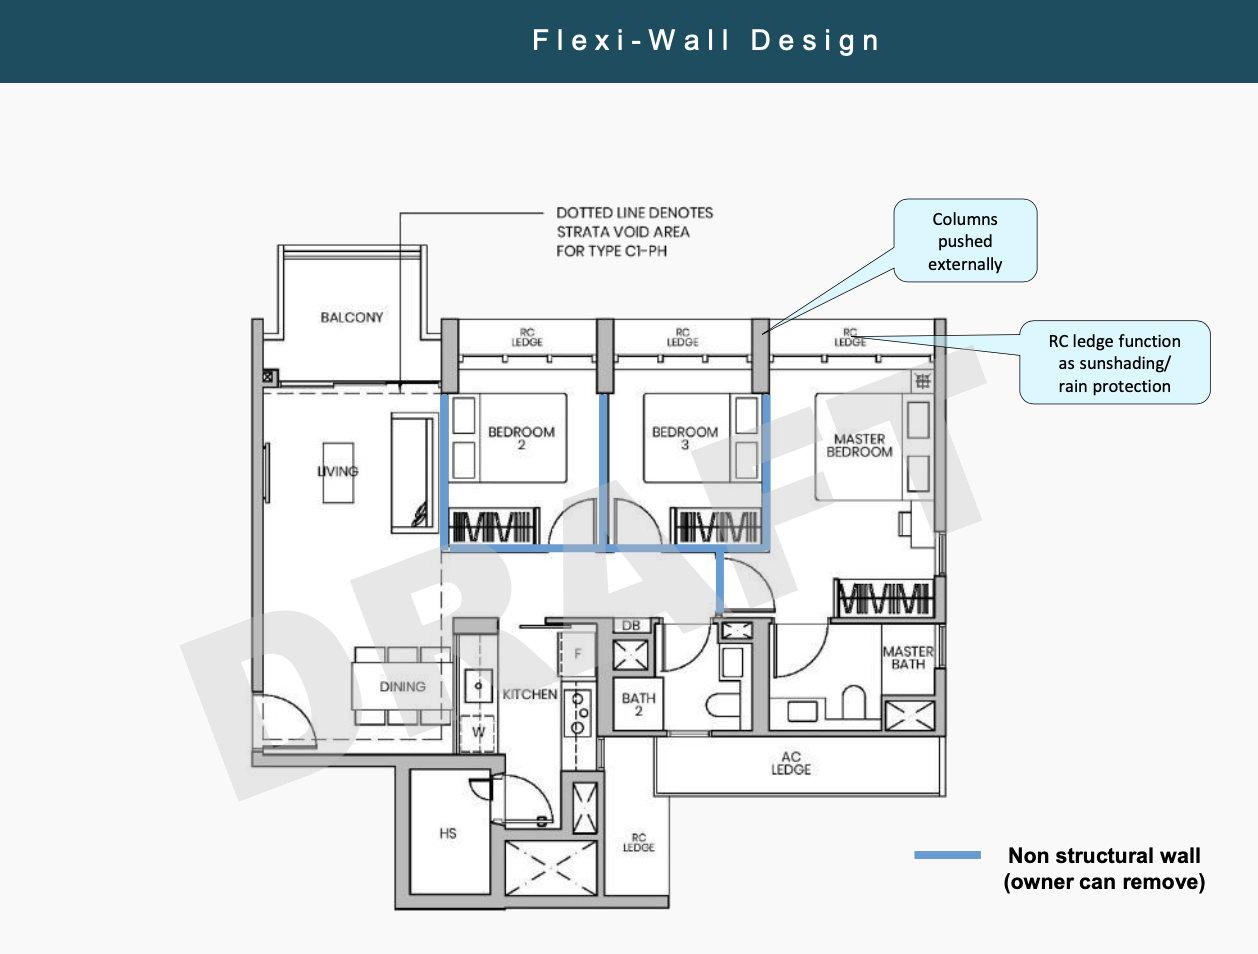 Parc Greenwich Executive Condo Flexi-Wall Design